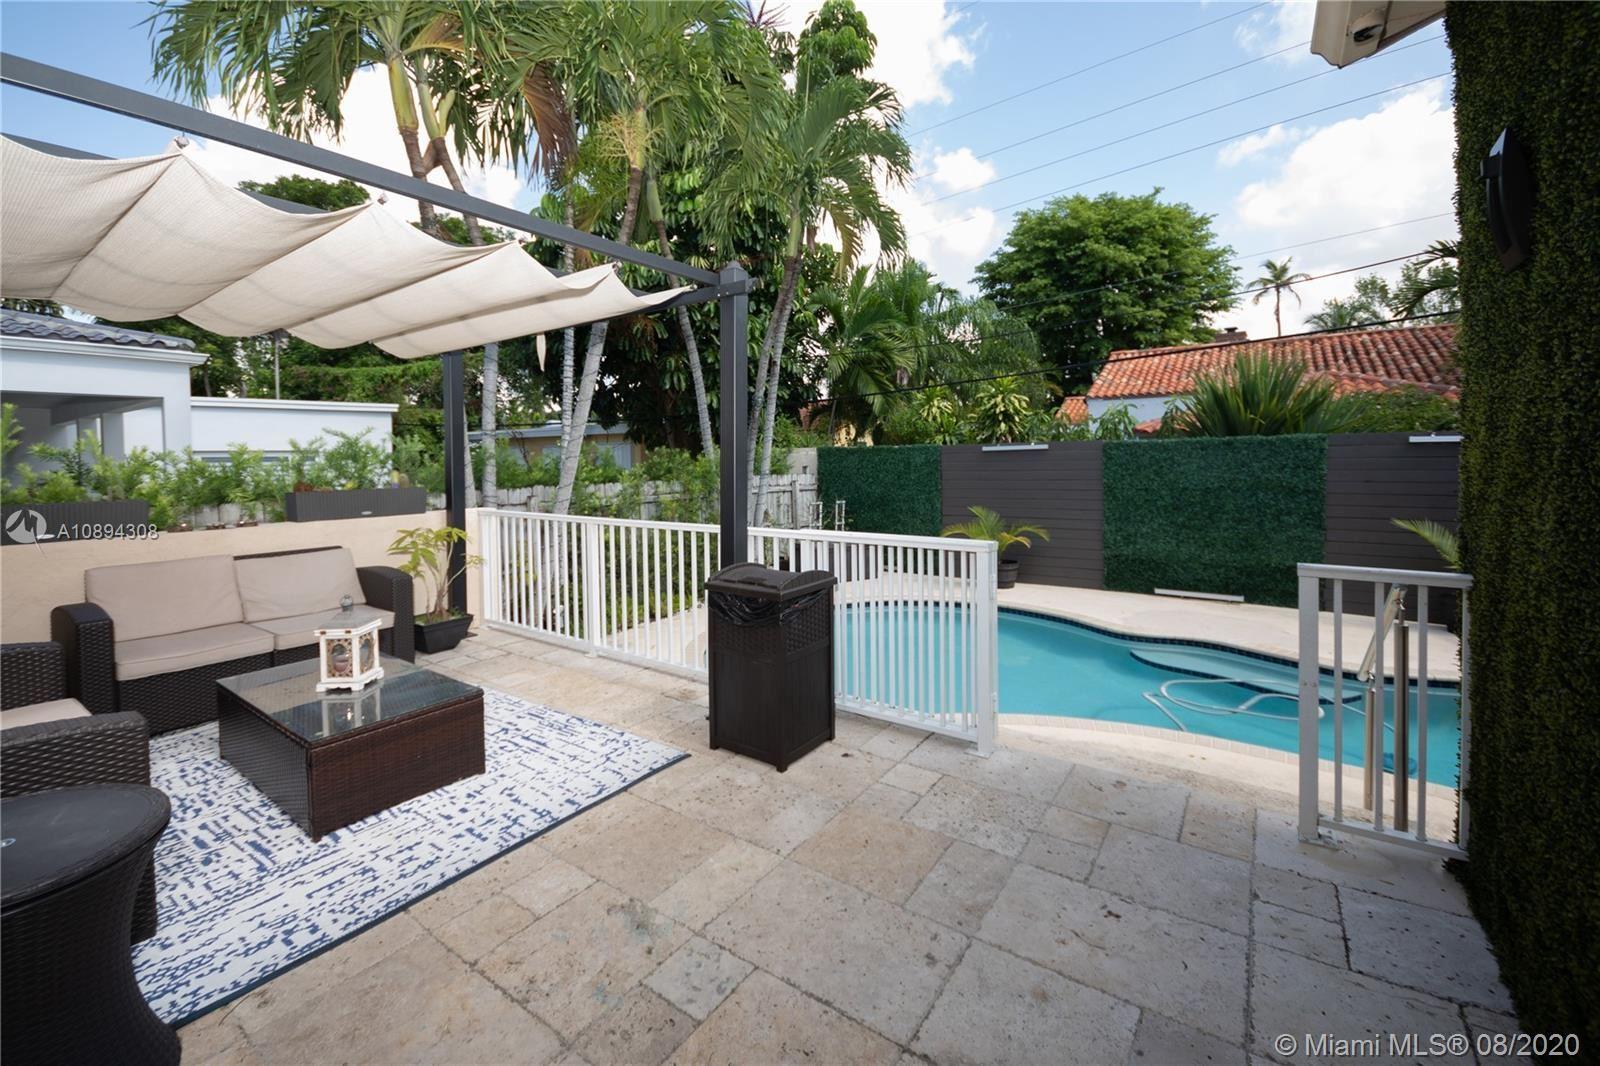 2441 SW 24th St, Miami, FL 33145 - #: A10894308